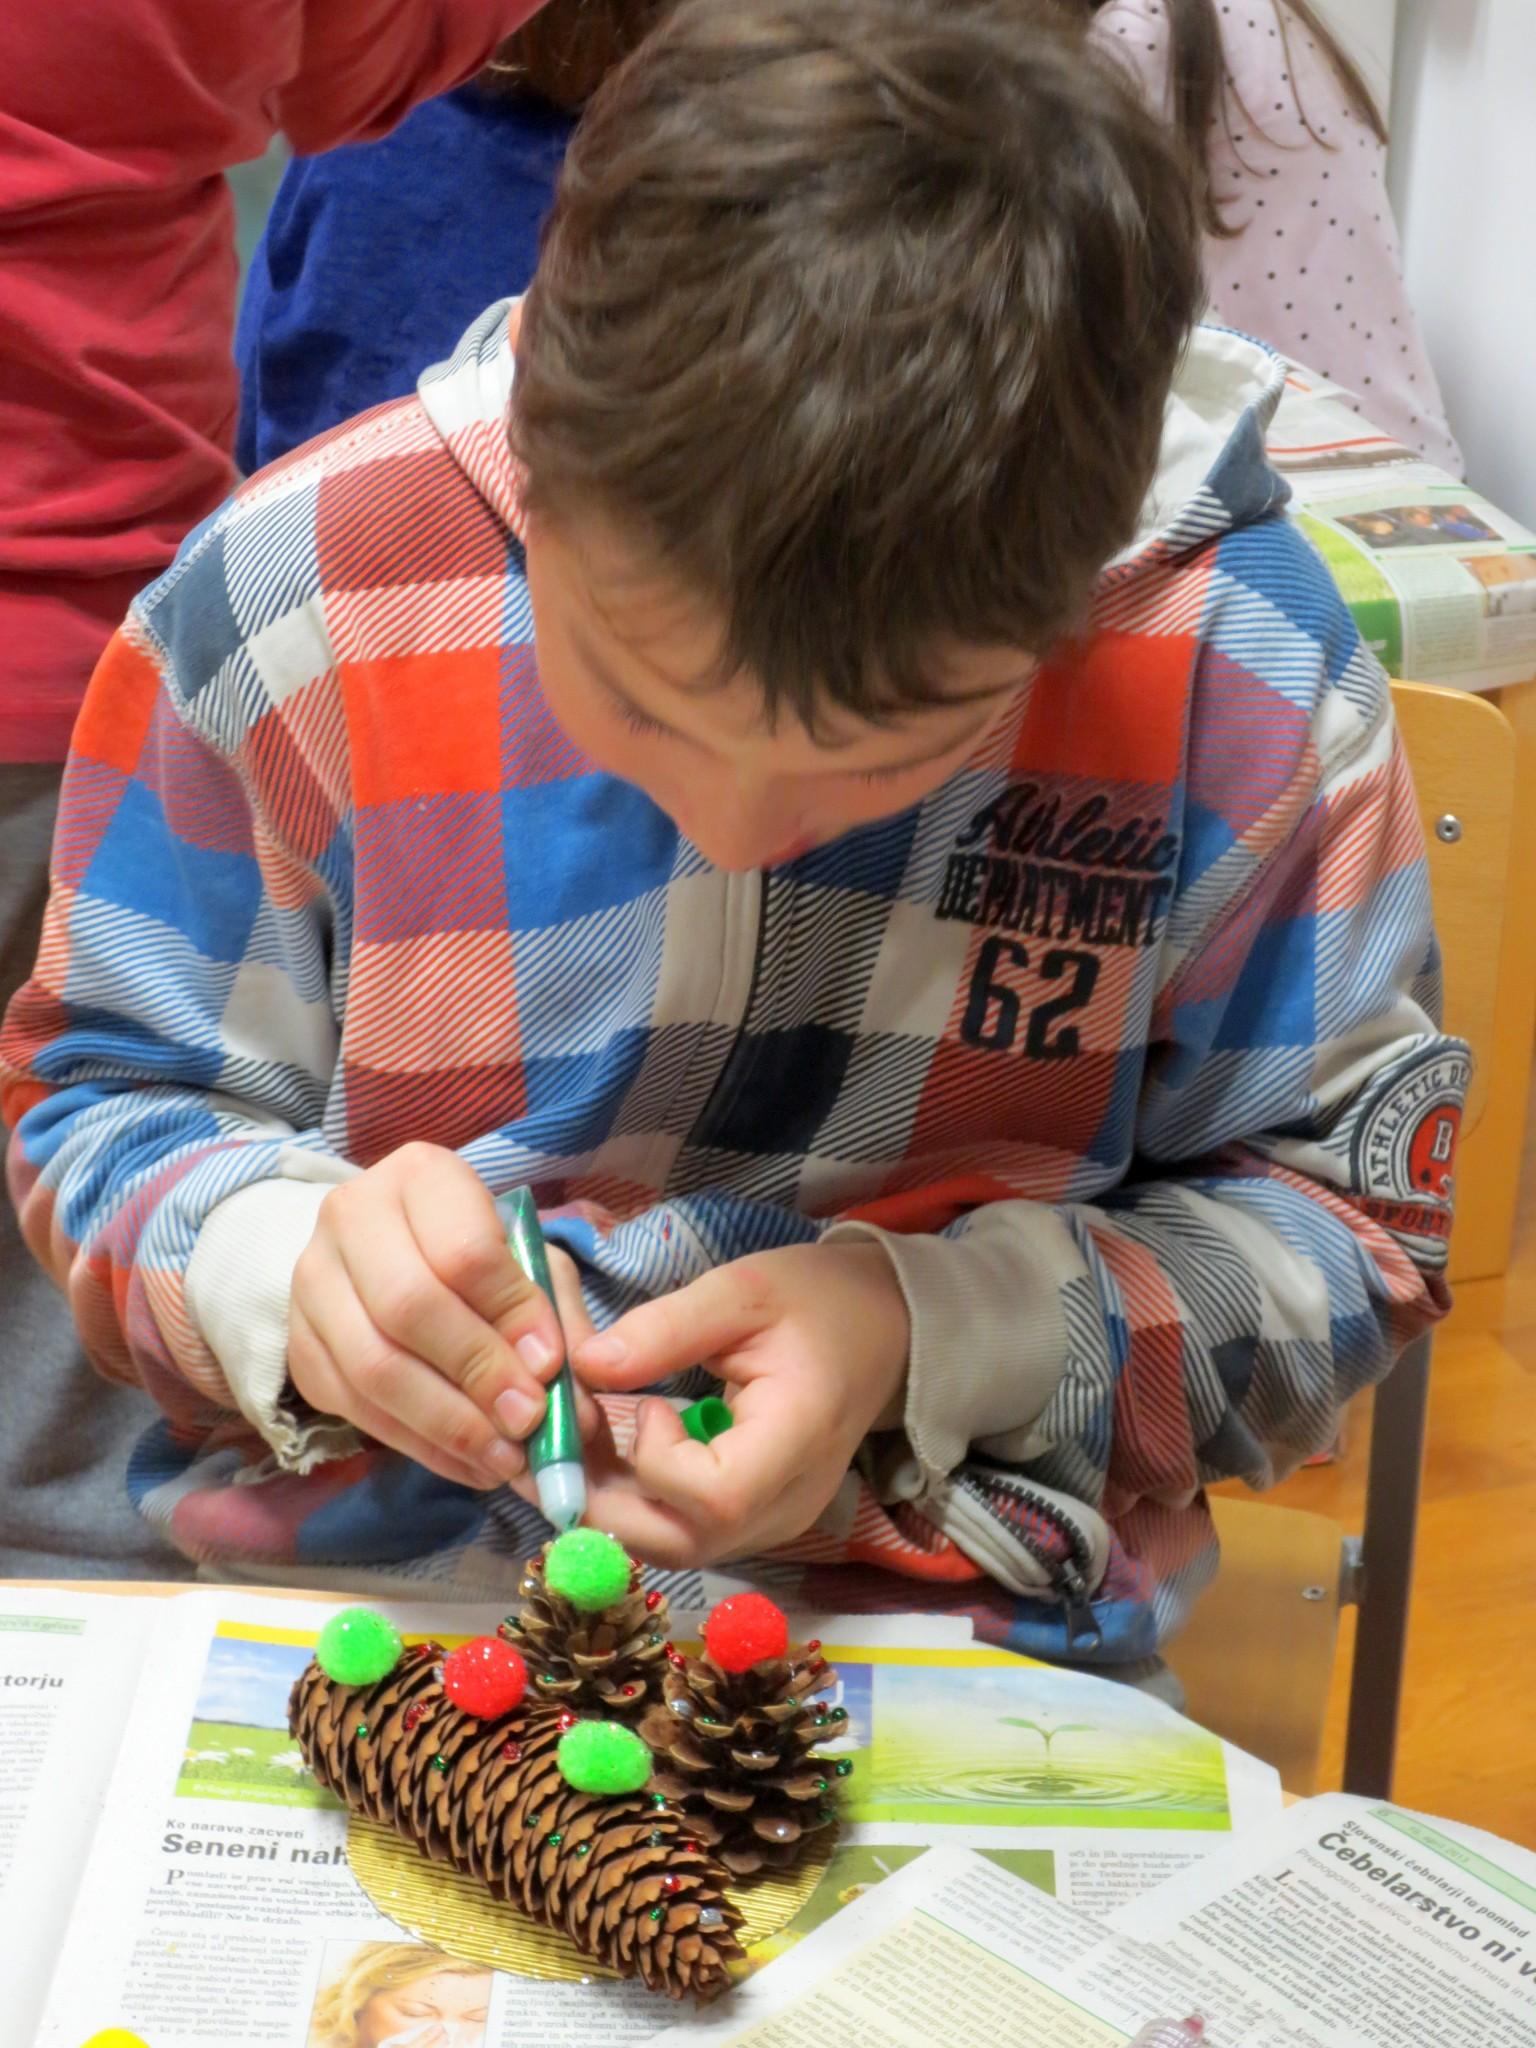 IMG 3213 - Pravljična ura in ustvarjalna delavnica za otroke od 4. leta dalje